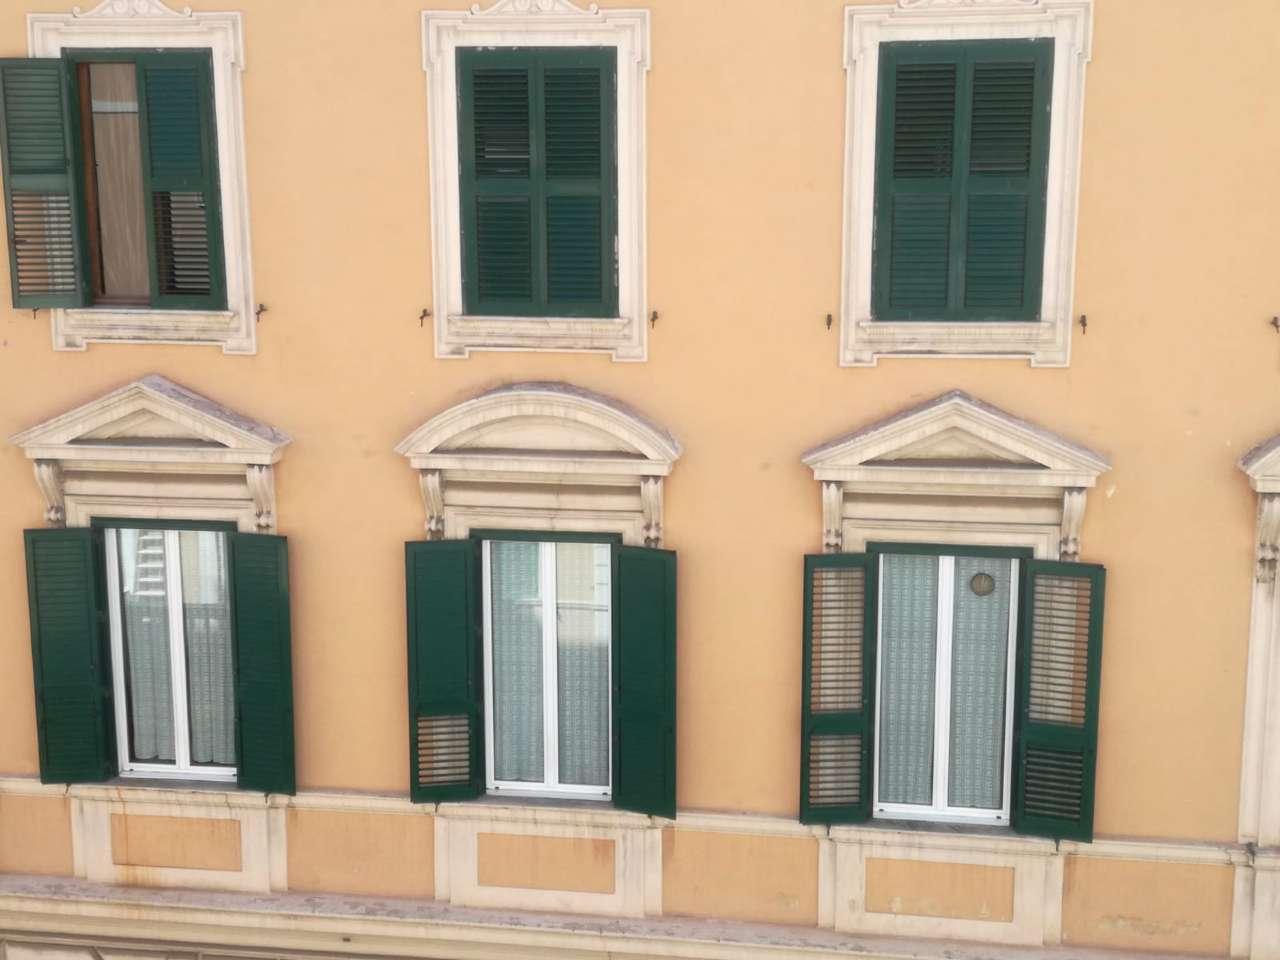 Appartamento in vendita a Roma, 3 locali, zona Zona: 7 . Esquilino, San Lorenzo, Termini, prezzo € 395.000 | CambioCasa.it